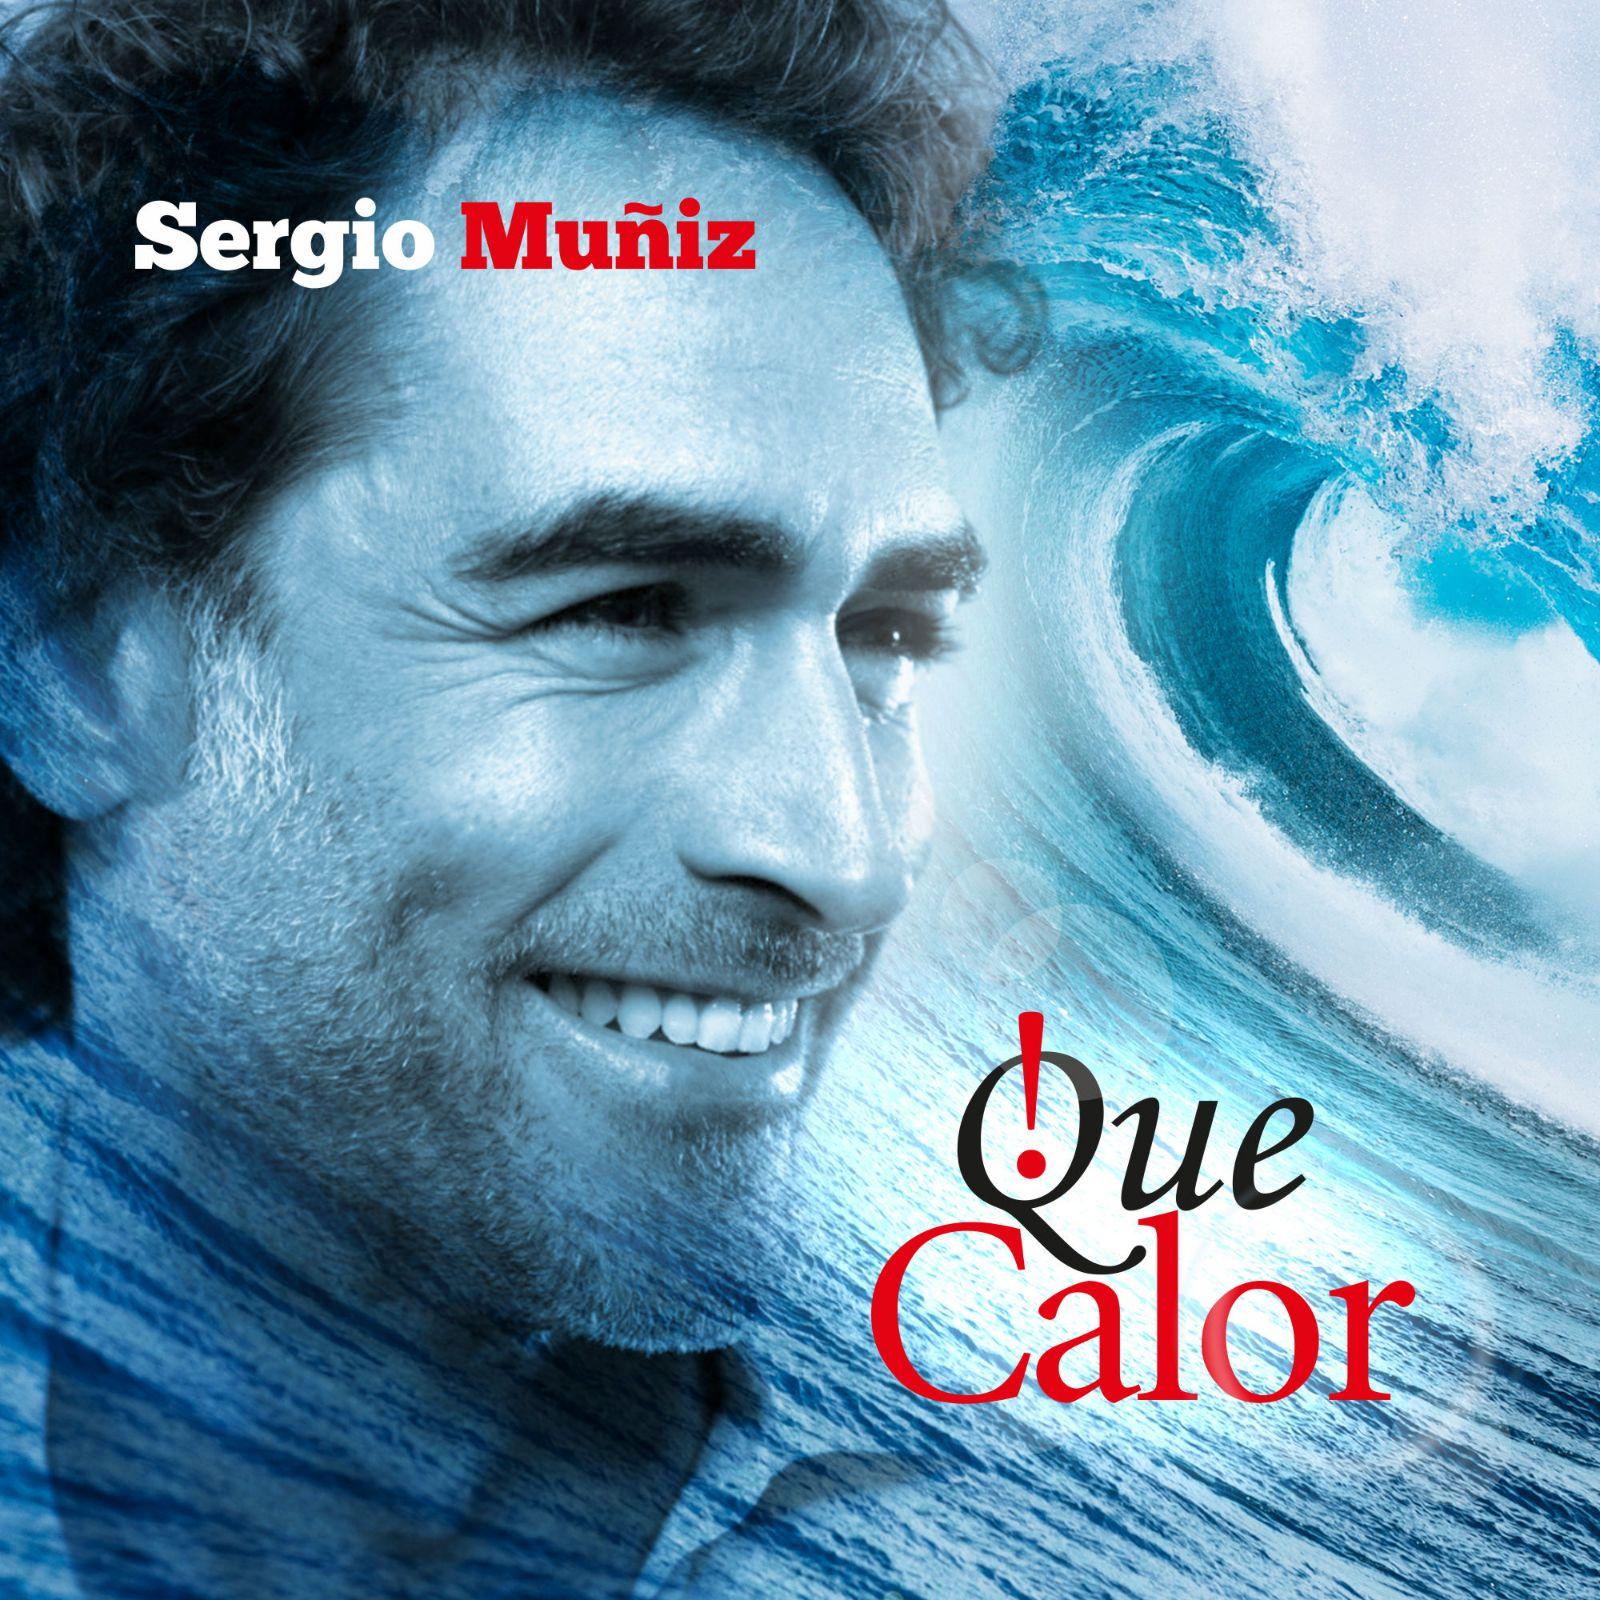 singolo di Sergio Muñiz